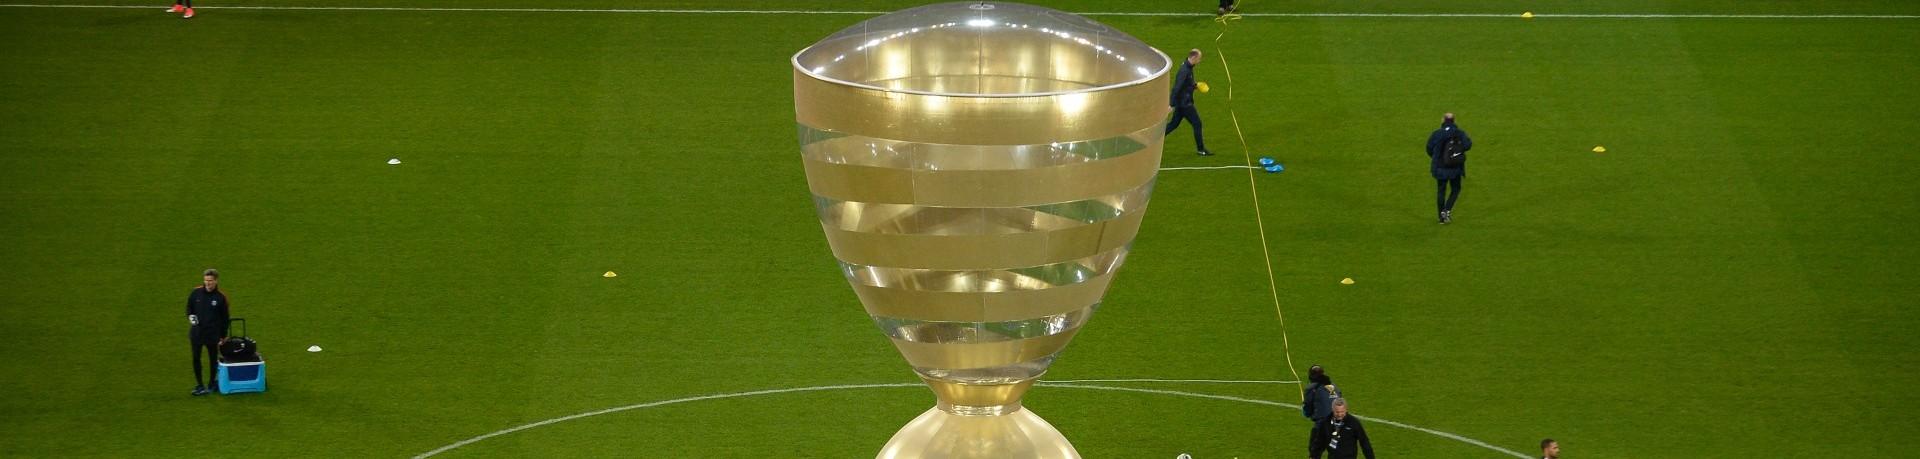 Le trophée de la Coupe de la Ligue en format géant le 1er avril 2017